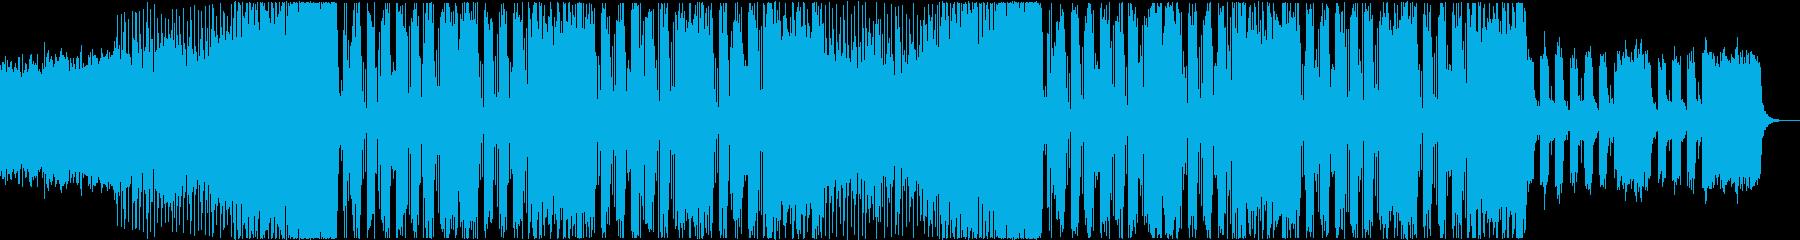 企業VP、CM系EDM 2の再生済みの波形